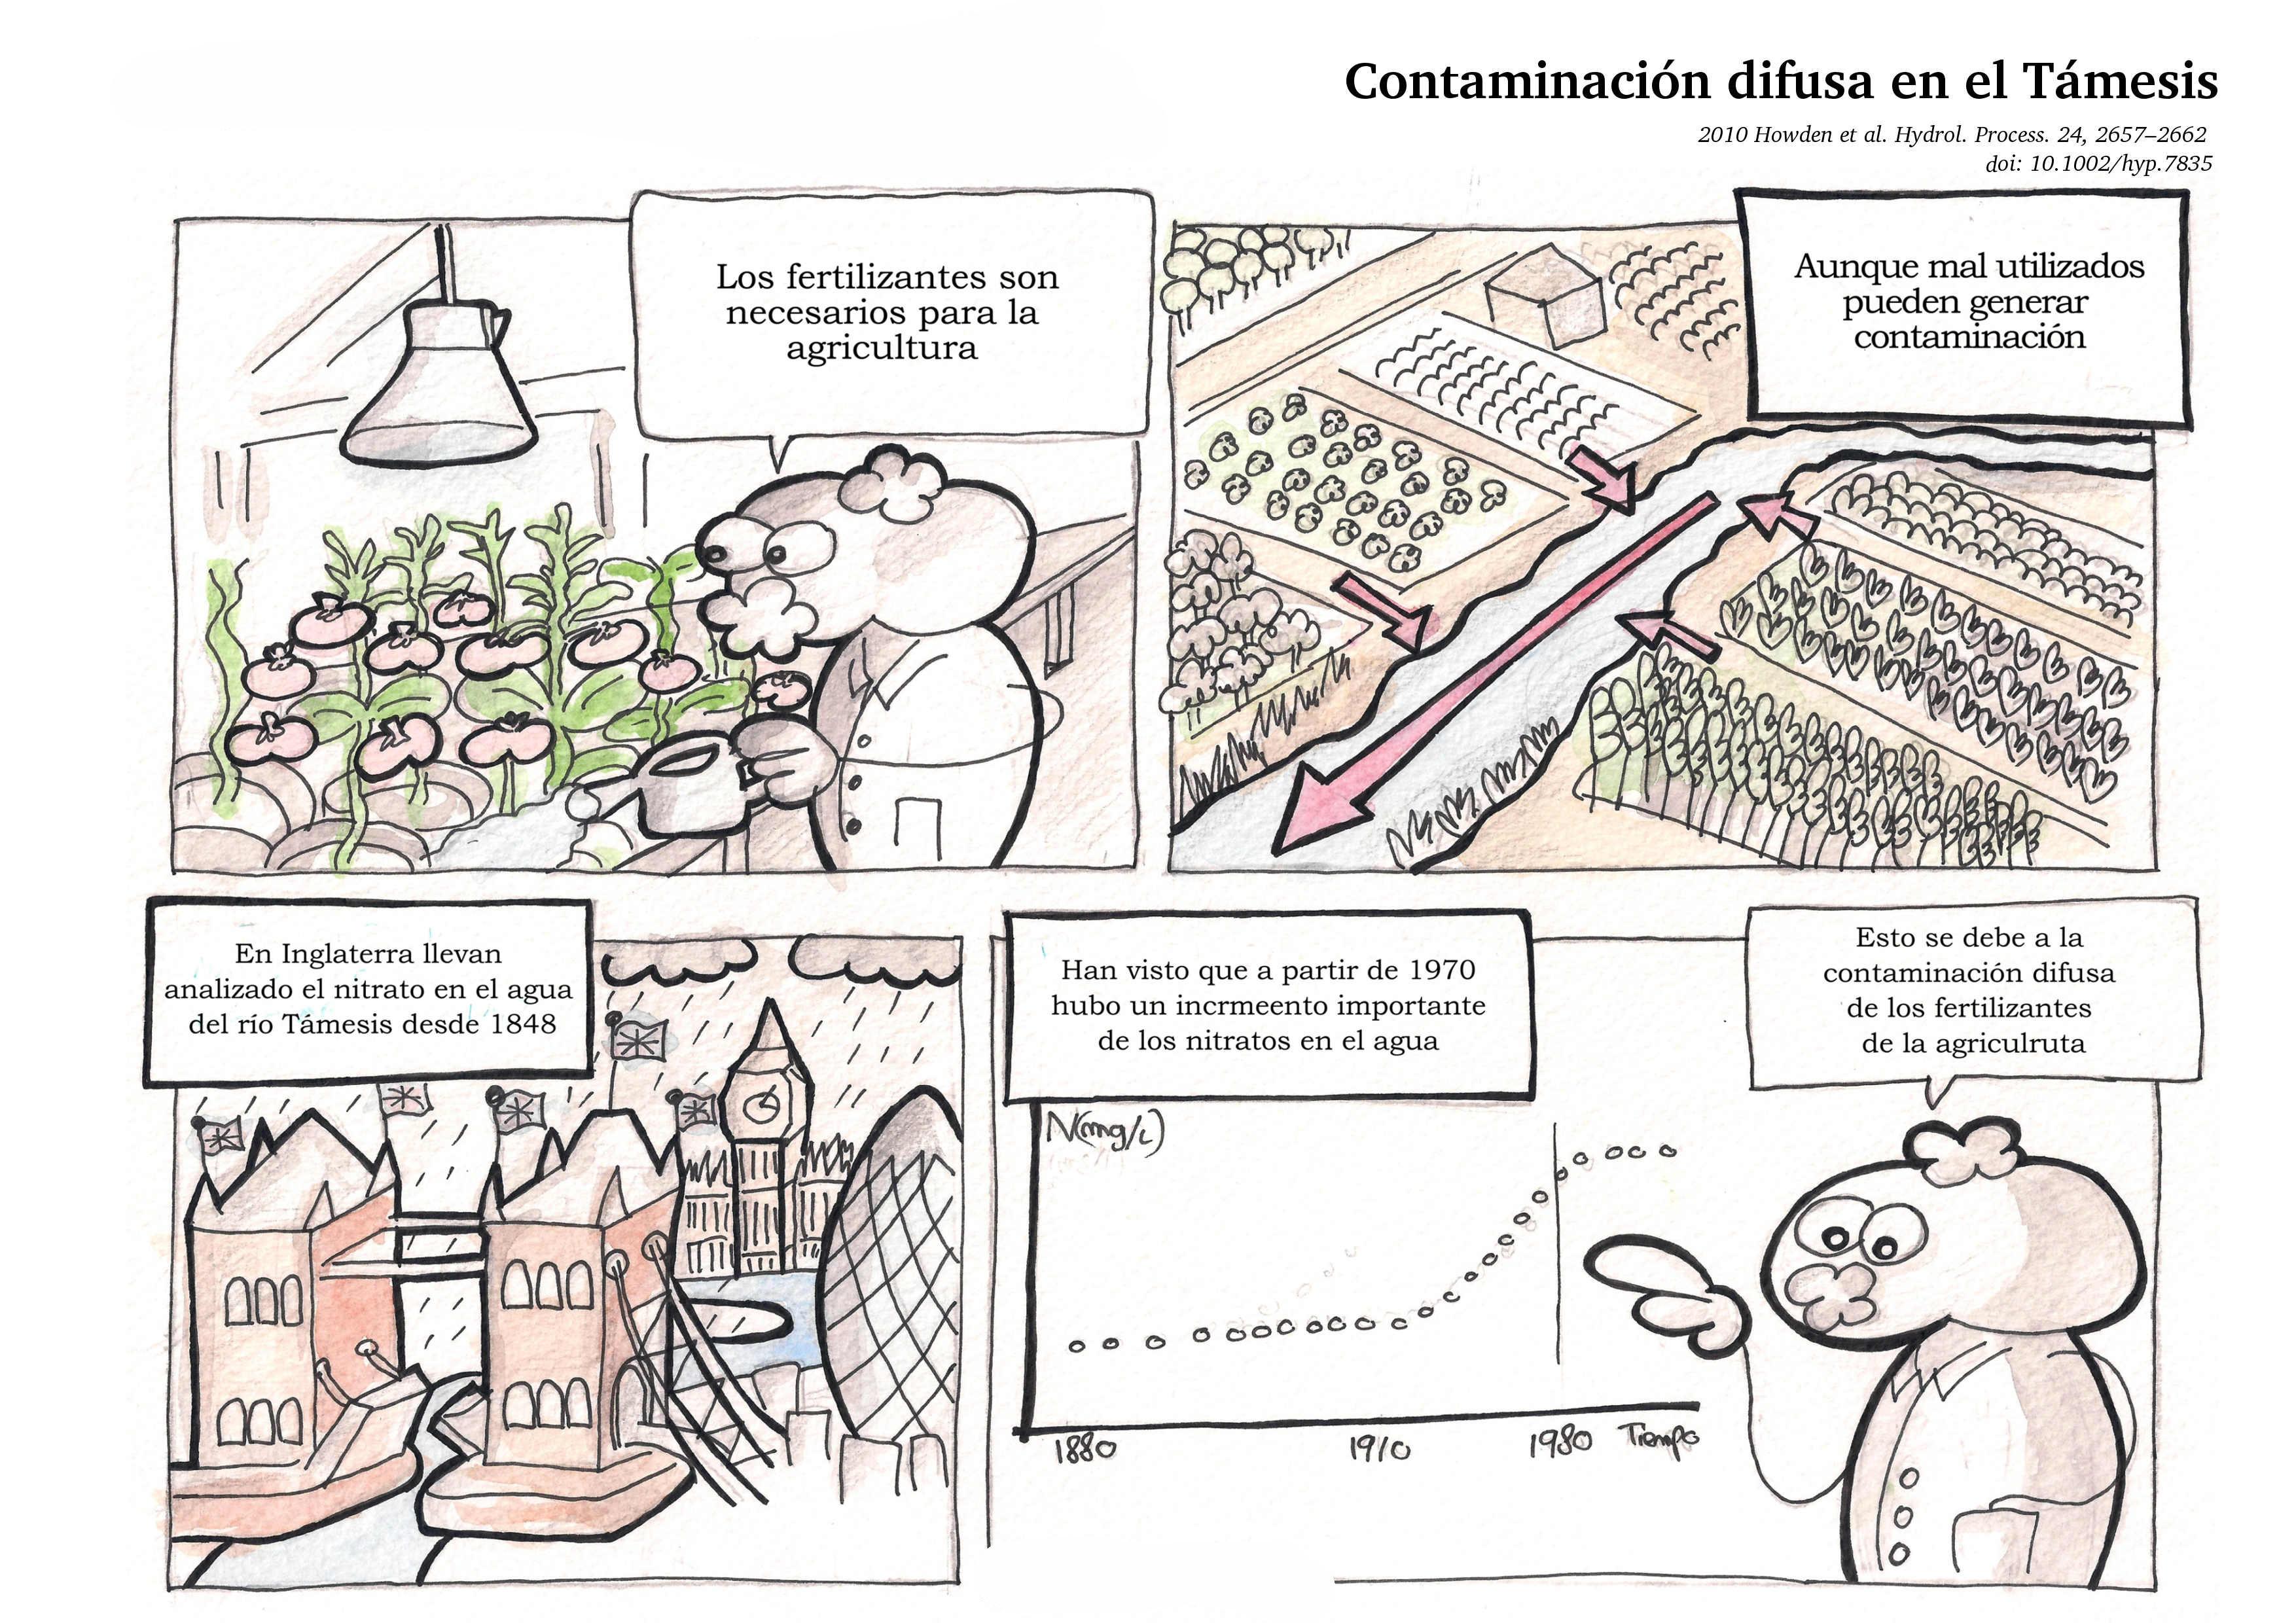 04) Divulgación: Contaminación difusa en el río Támesis